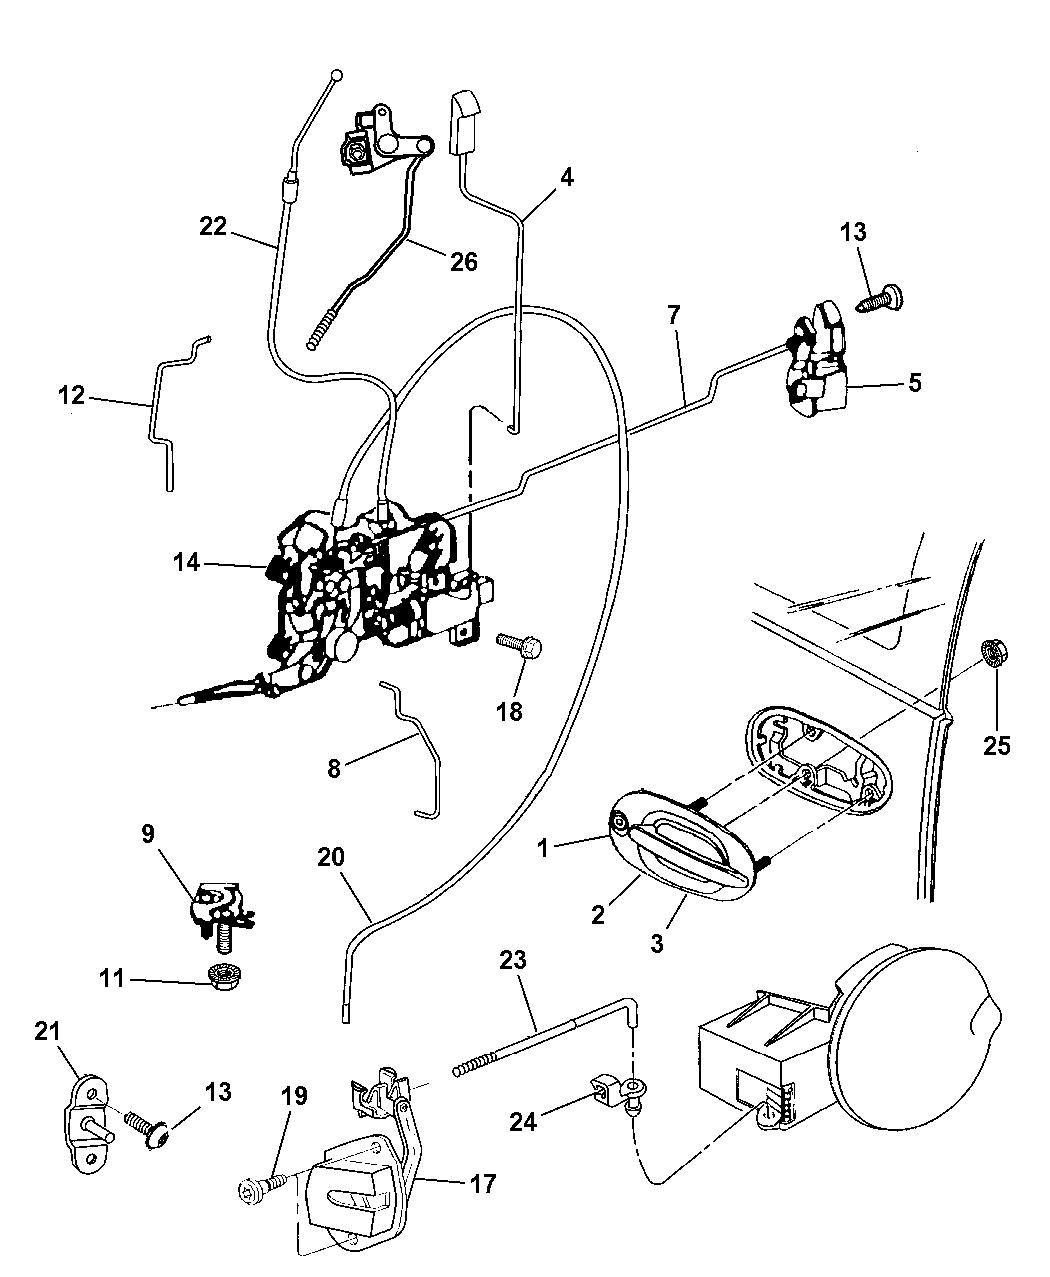 repair manual 2000 chrysler town and country